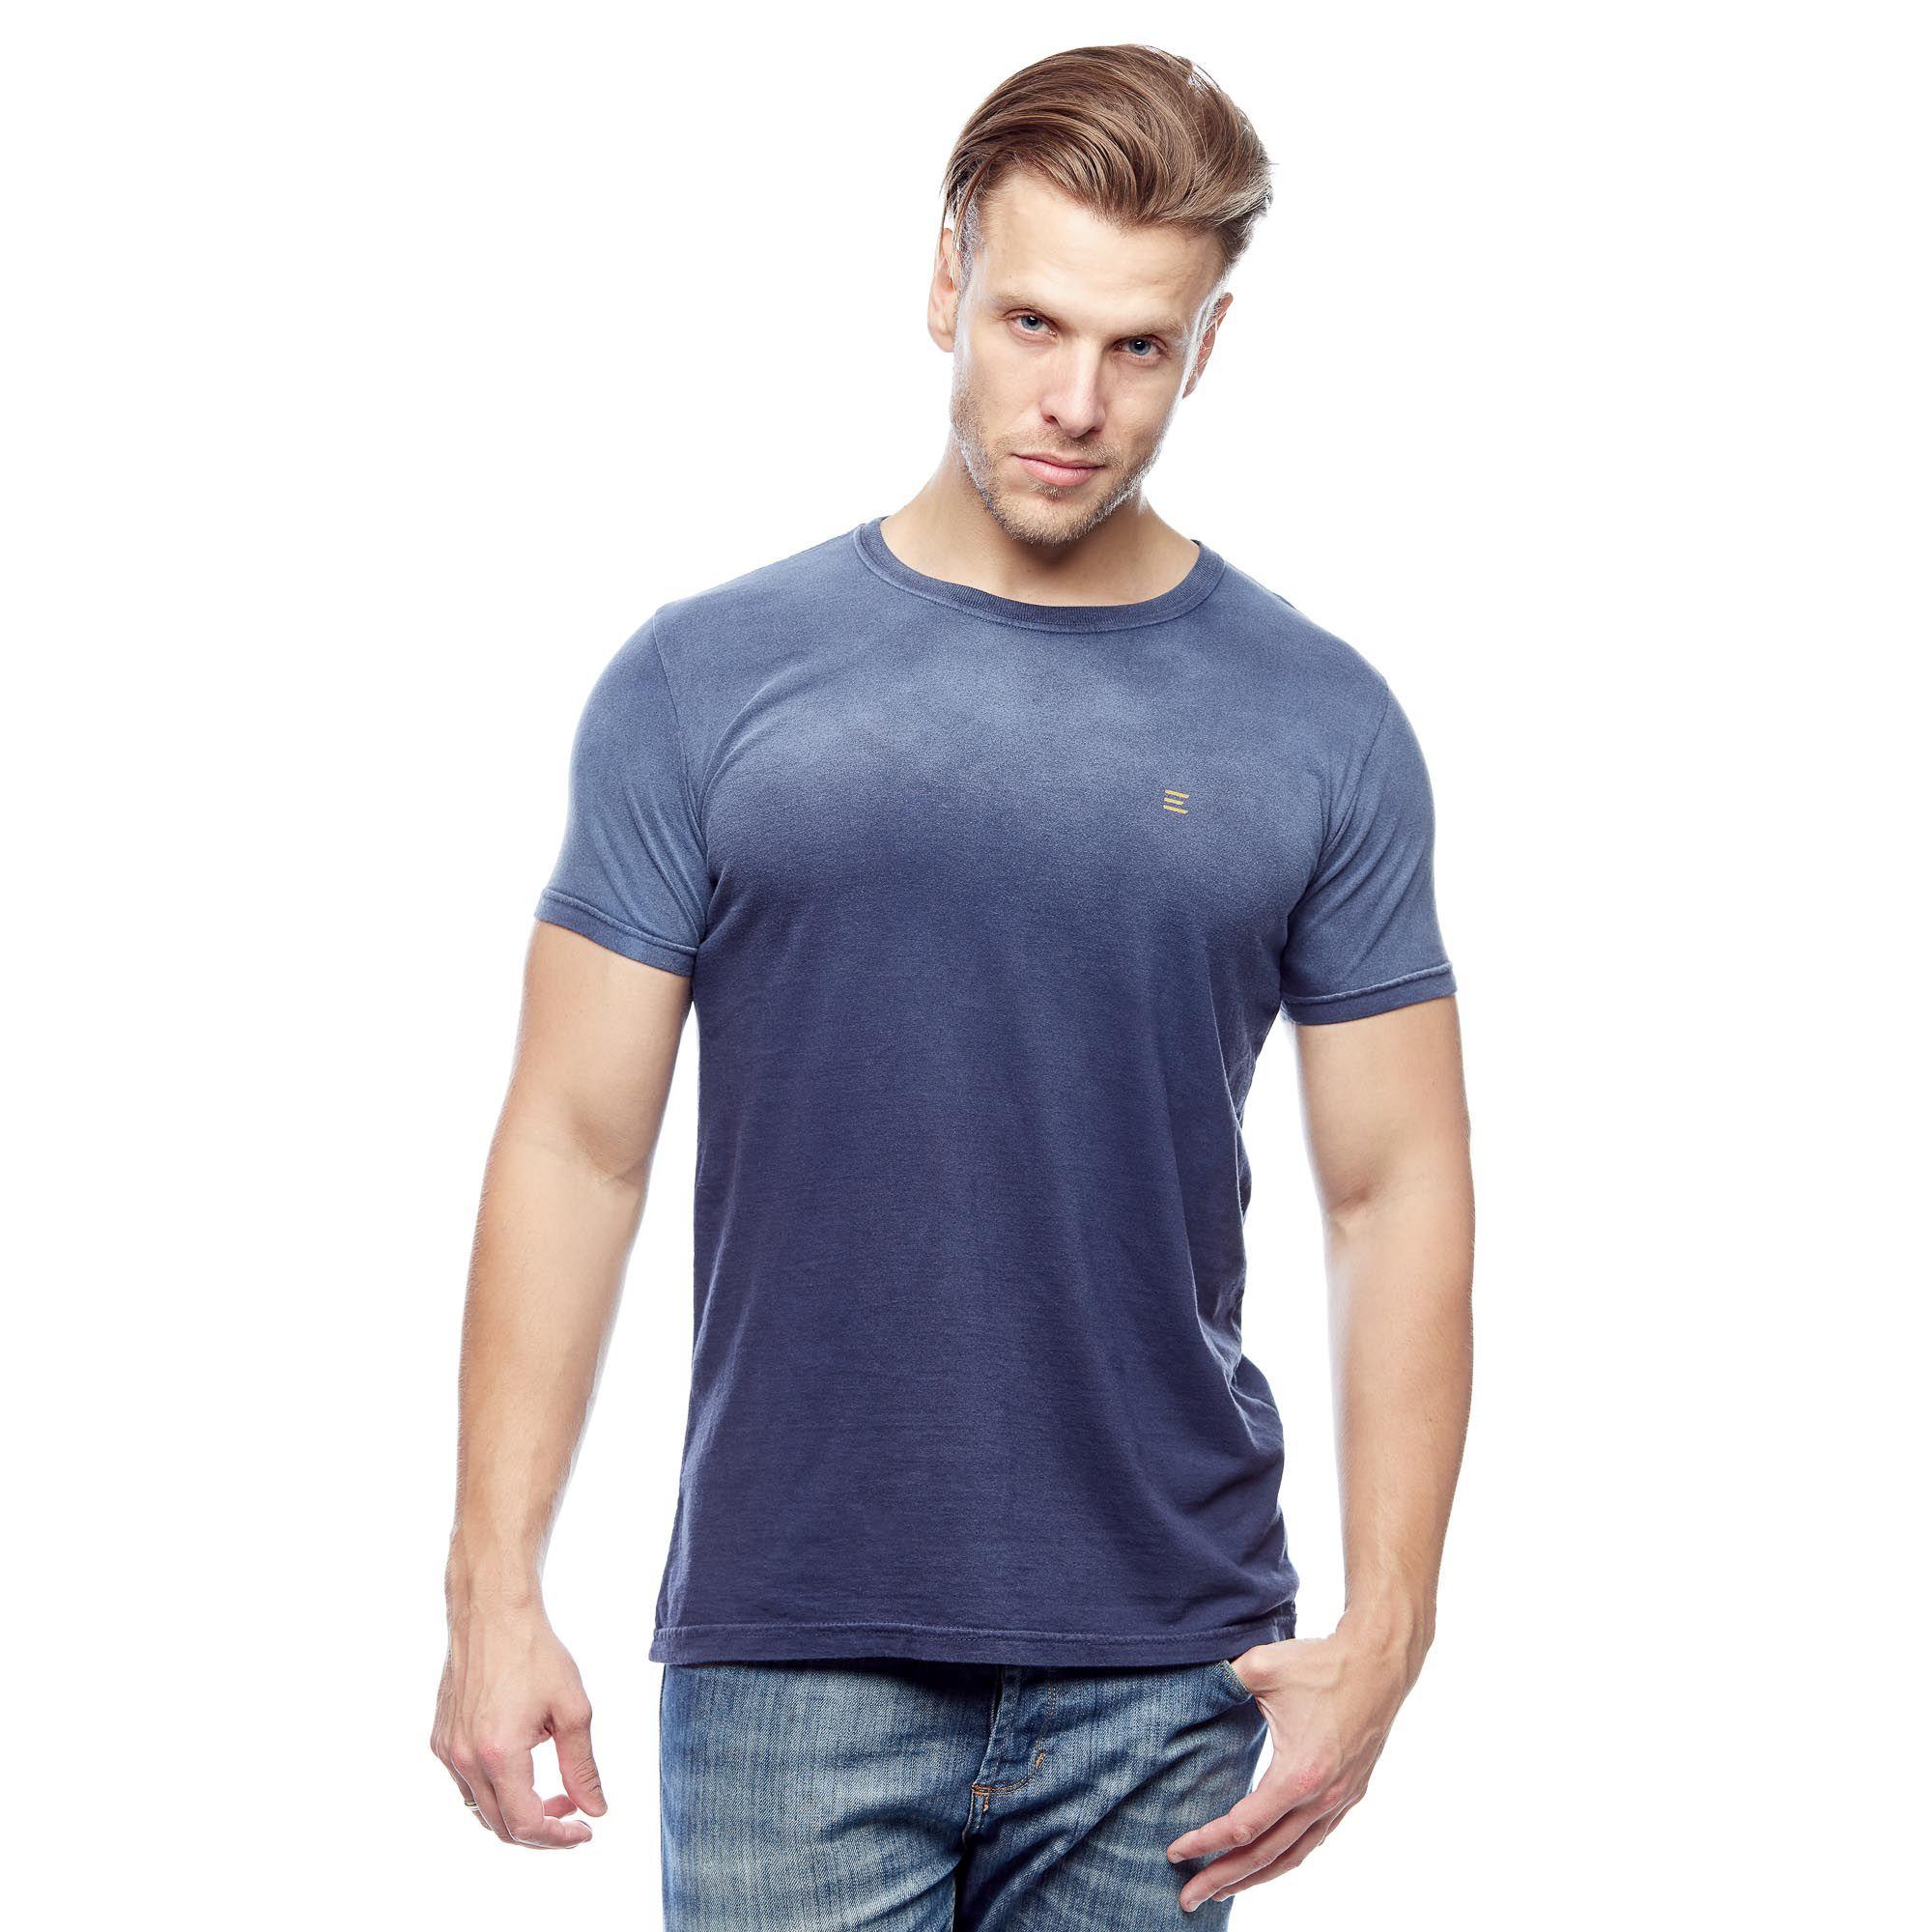 Camiseta Básica Used Superior Masculina Evolvee